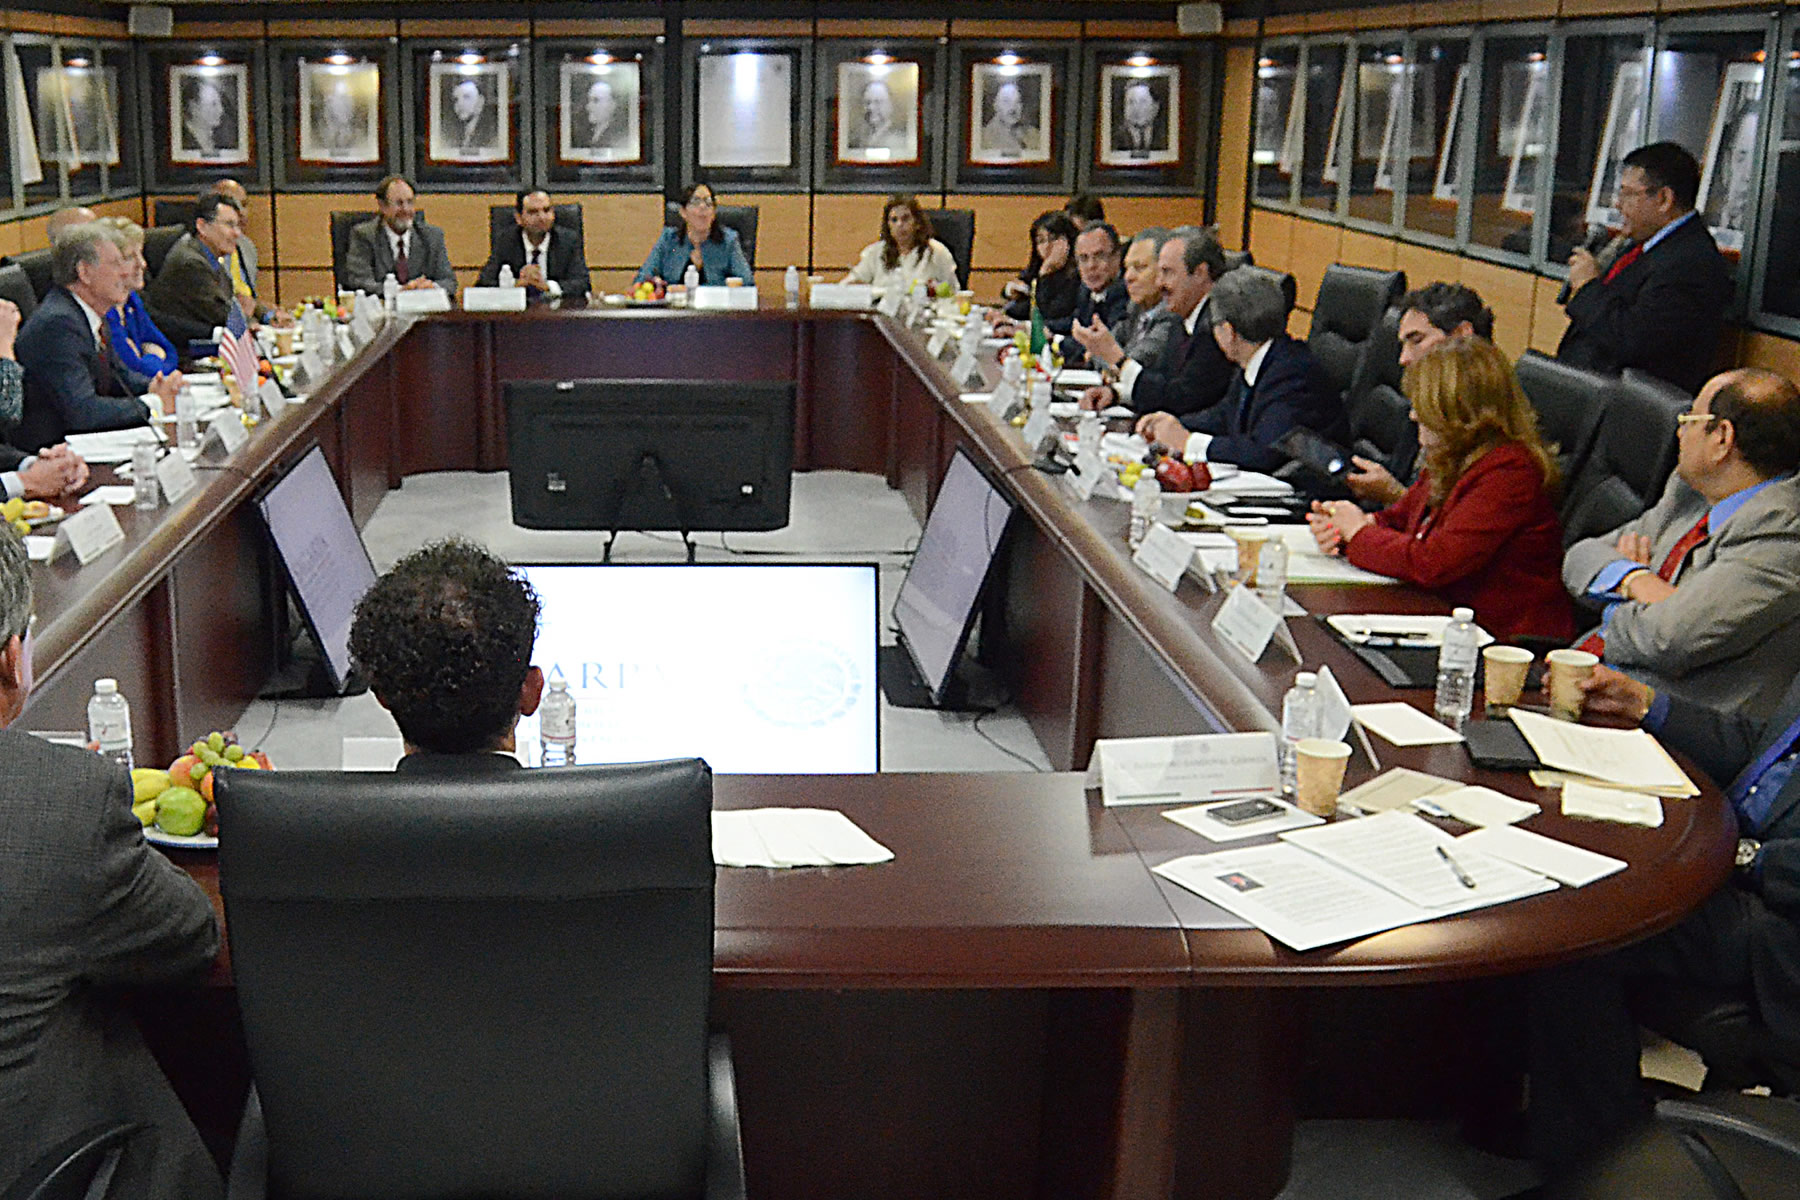 El titular de la SAGARPA, Enrique Martínez y Martínez, y el gobernador del estado de Idaho, Estados Unidos, Butch Otter, se reunieron para tratar asuntos relacionados con el intercambio  y la cooperación agroalimentaria.